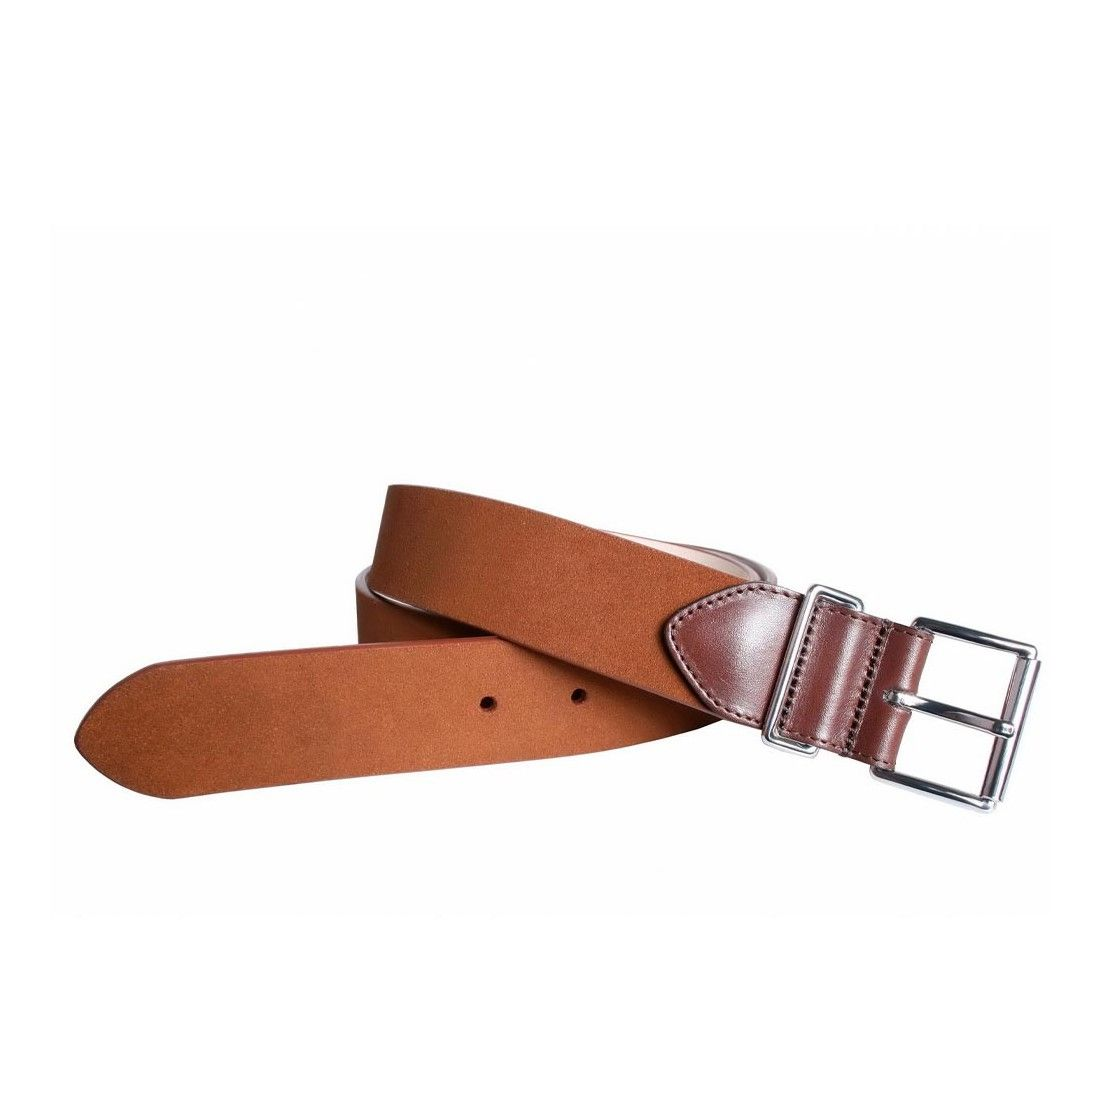 Cinturón Possum Mod. 11337 - 1